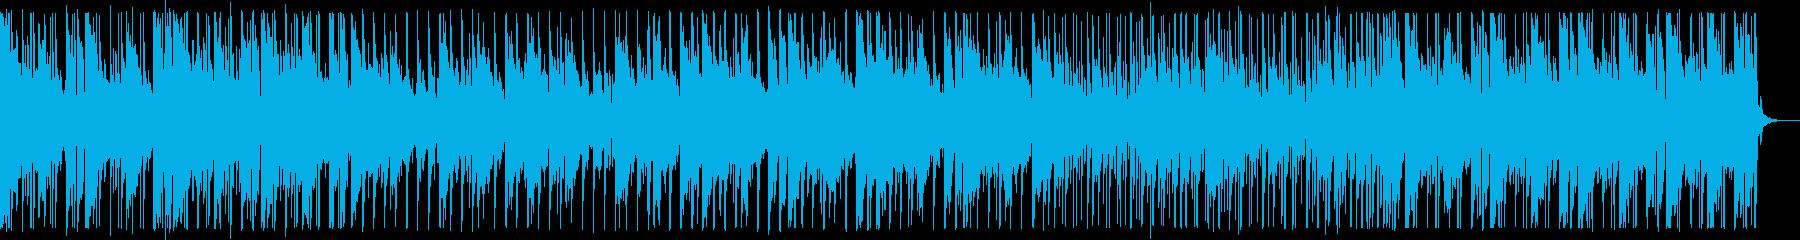 穏やかな夜空を感じるハウスNo680_2の再生済みの波形